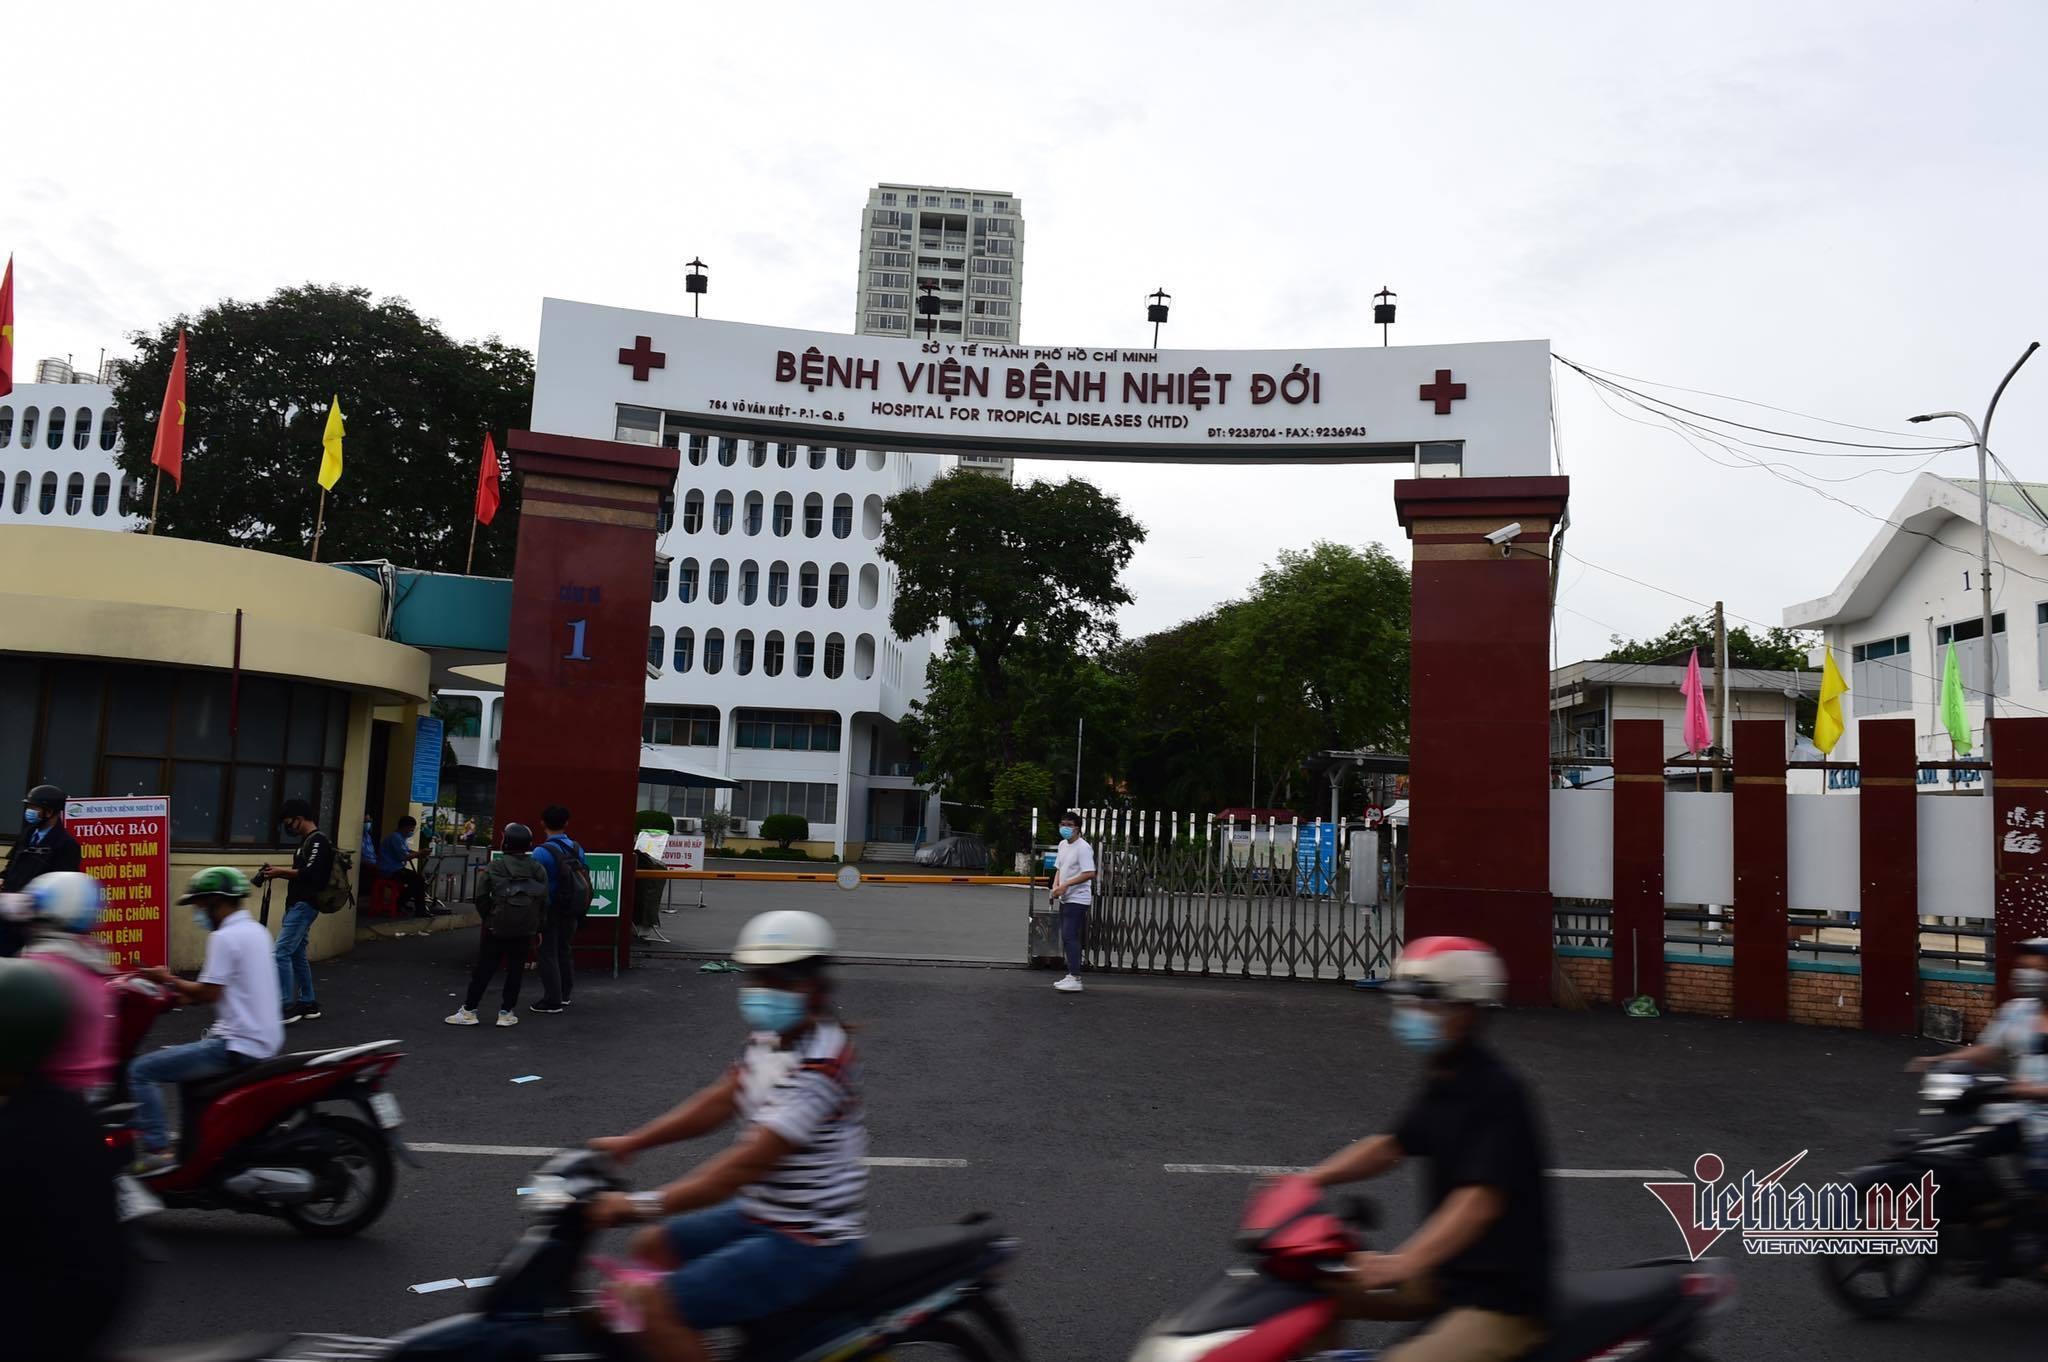 Thêm 5 nhân viên Bệnh viện Bệnh nhiệt đới TP.HCM dương tính nCoV